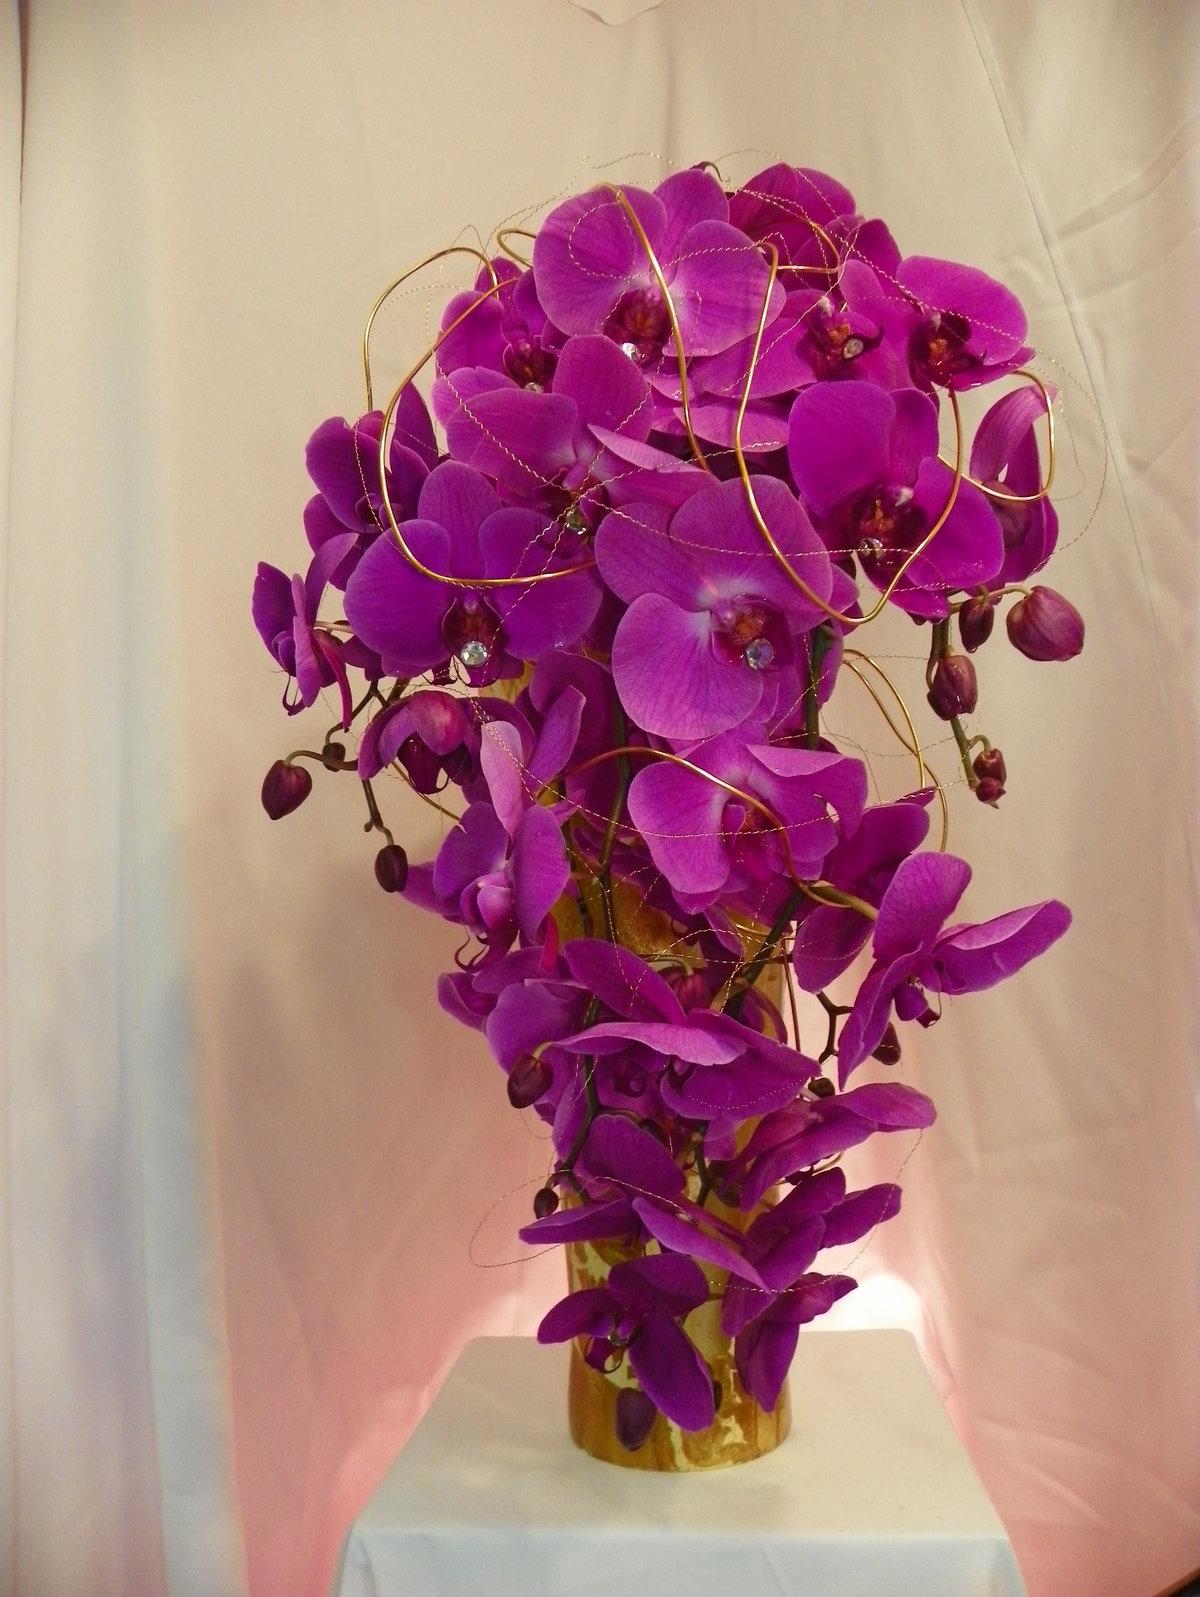 варианта требуют оригинальные фото орхидей теперь могу